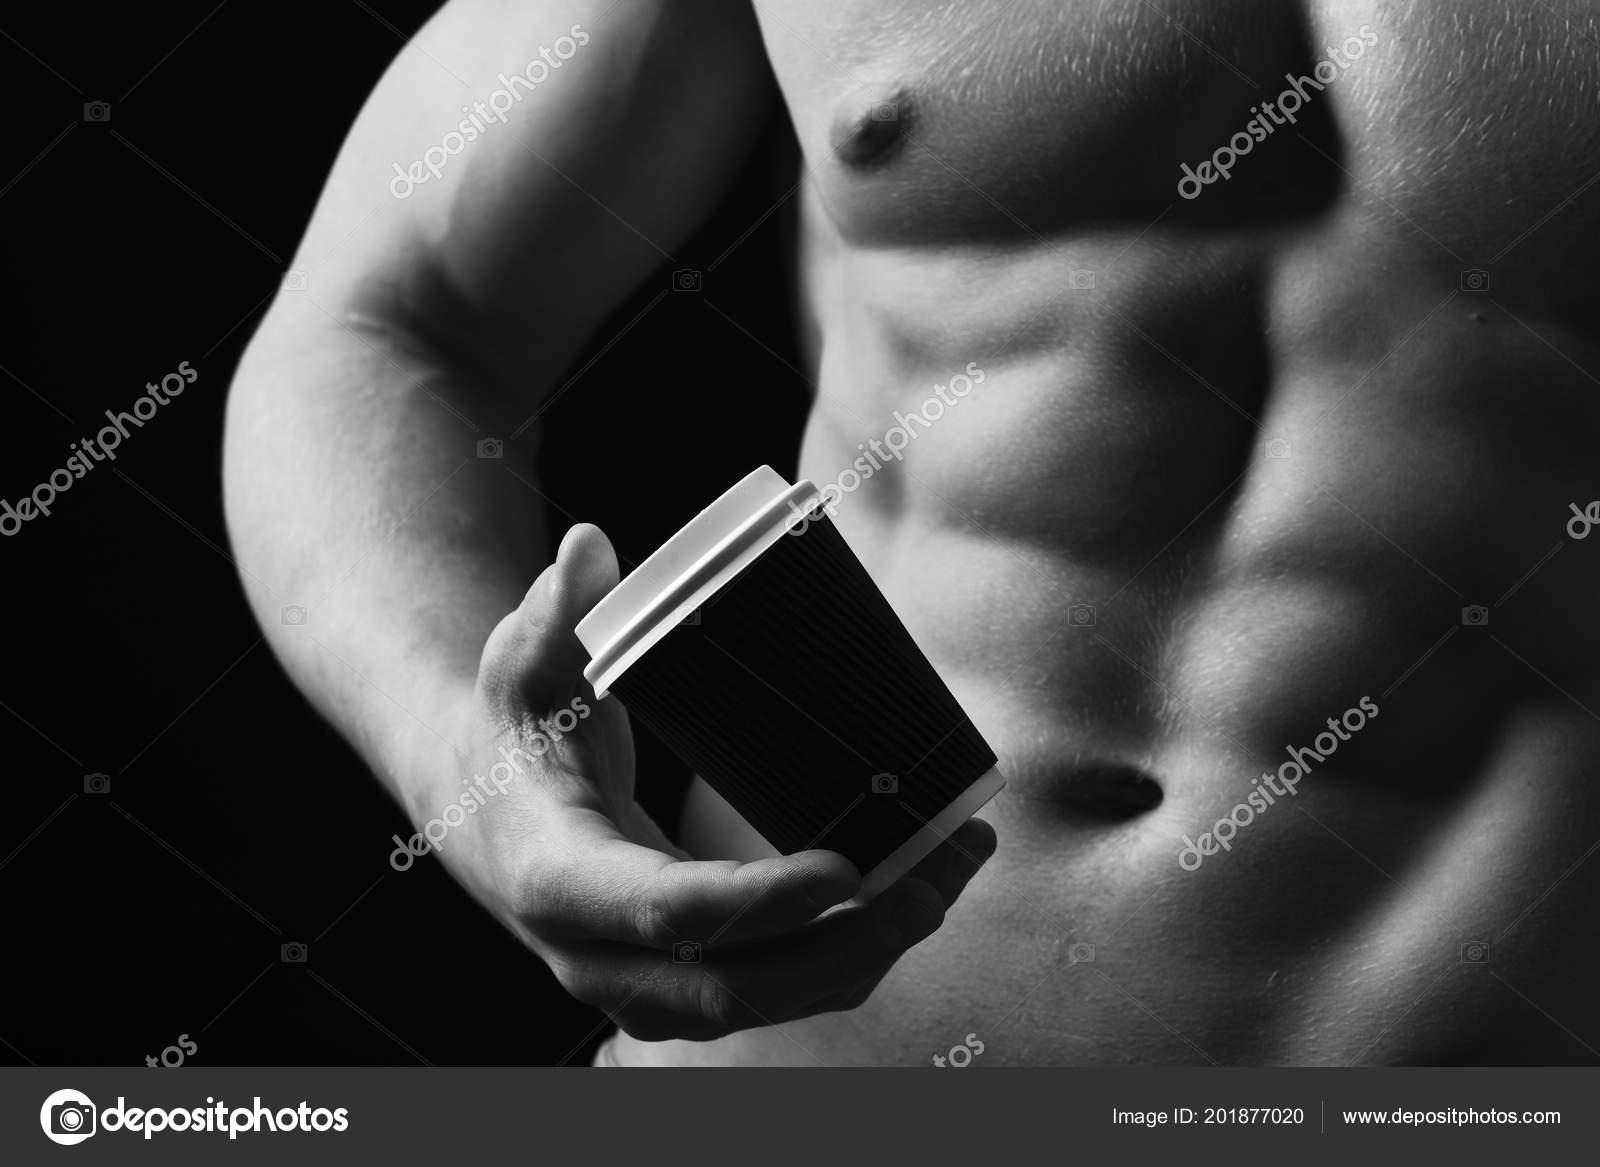 Ηδονοβλεψίας blogs, angie κλιπ έβερχαρτ nude, ακραία γαλλικά σεξ, εκλεκτής ποιότητας.